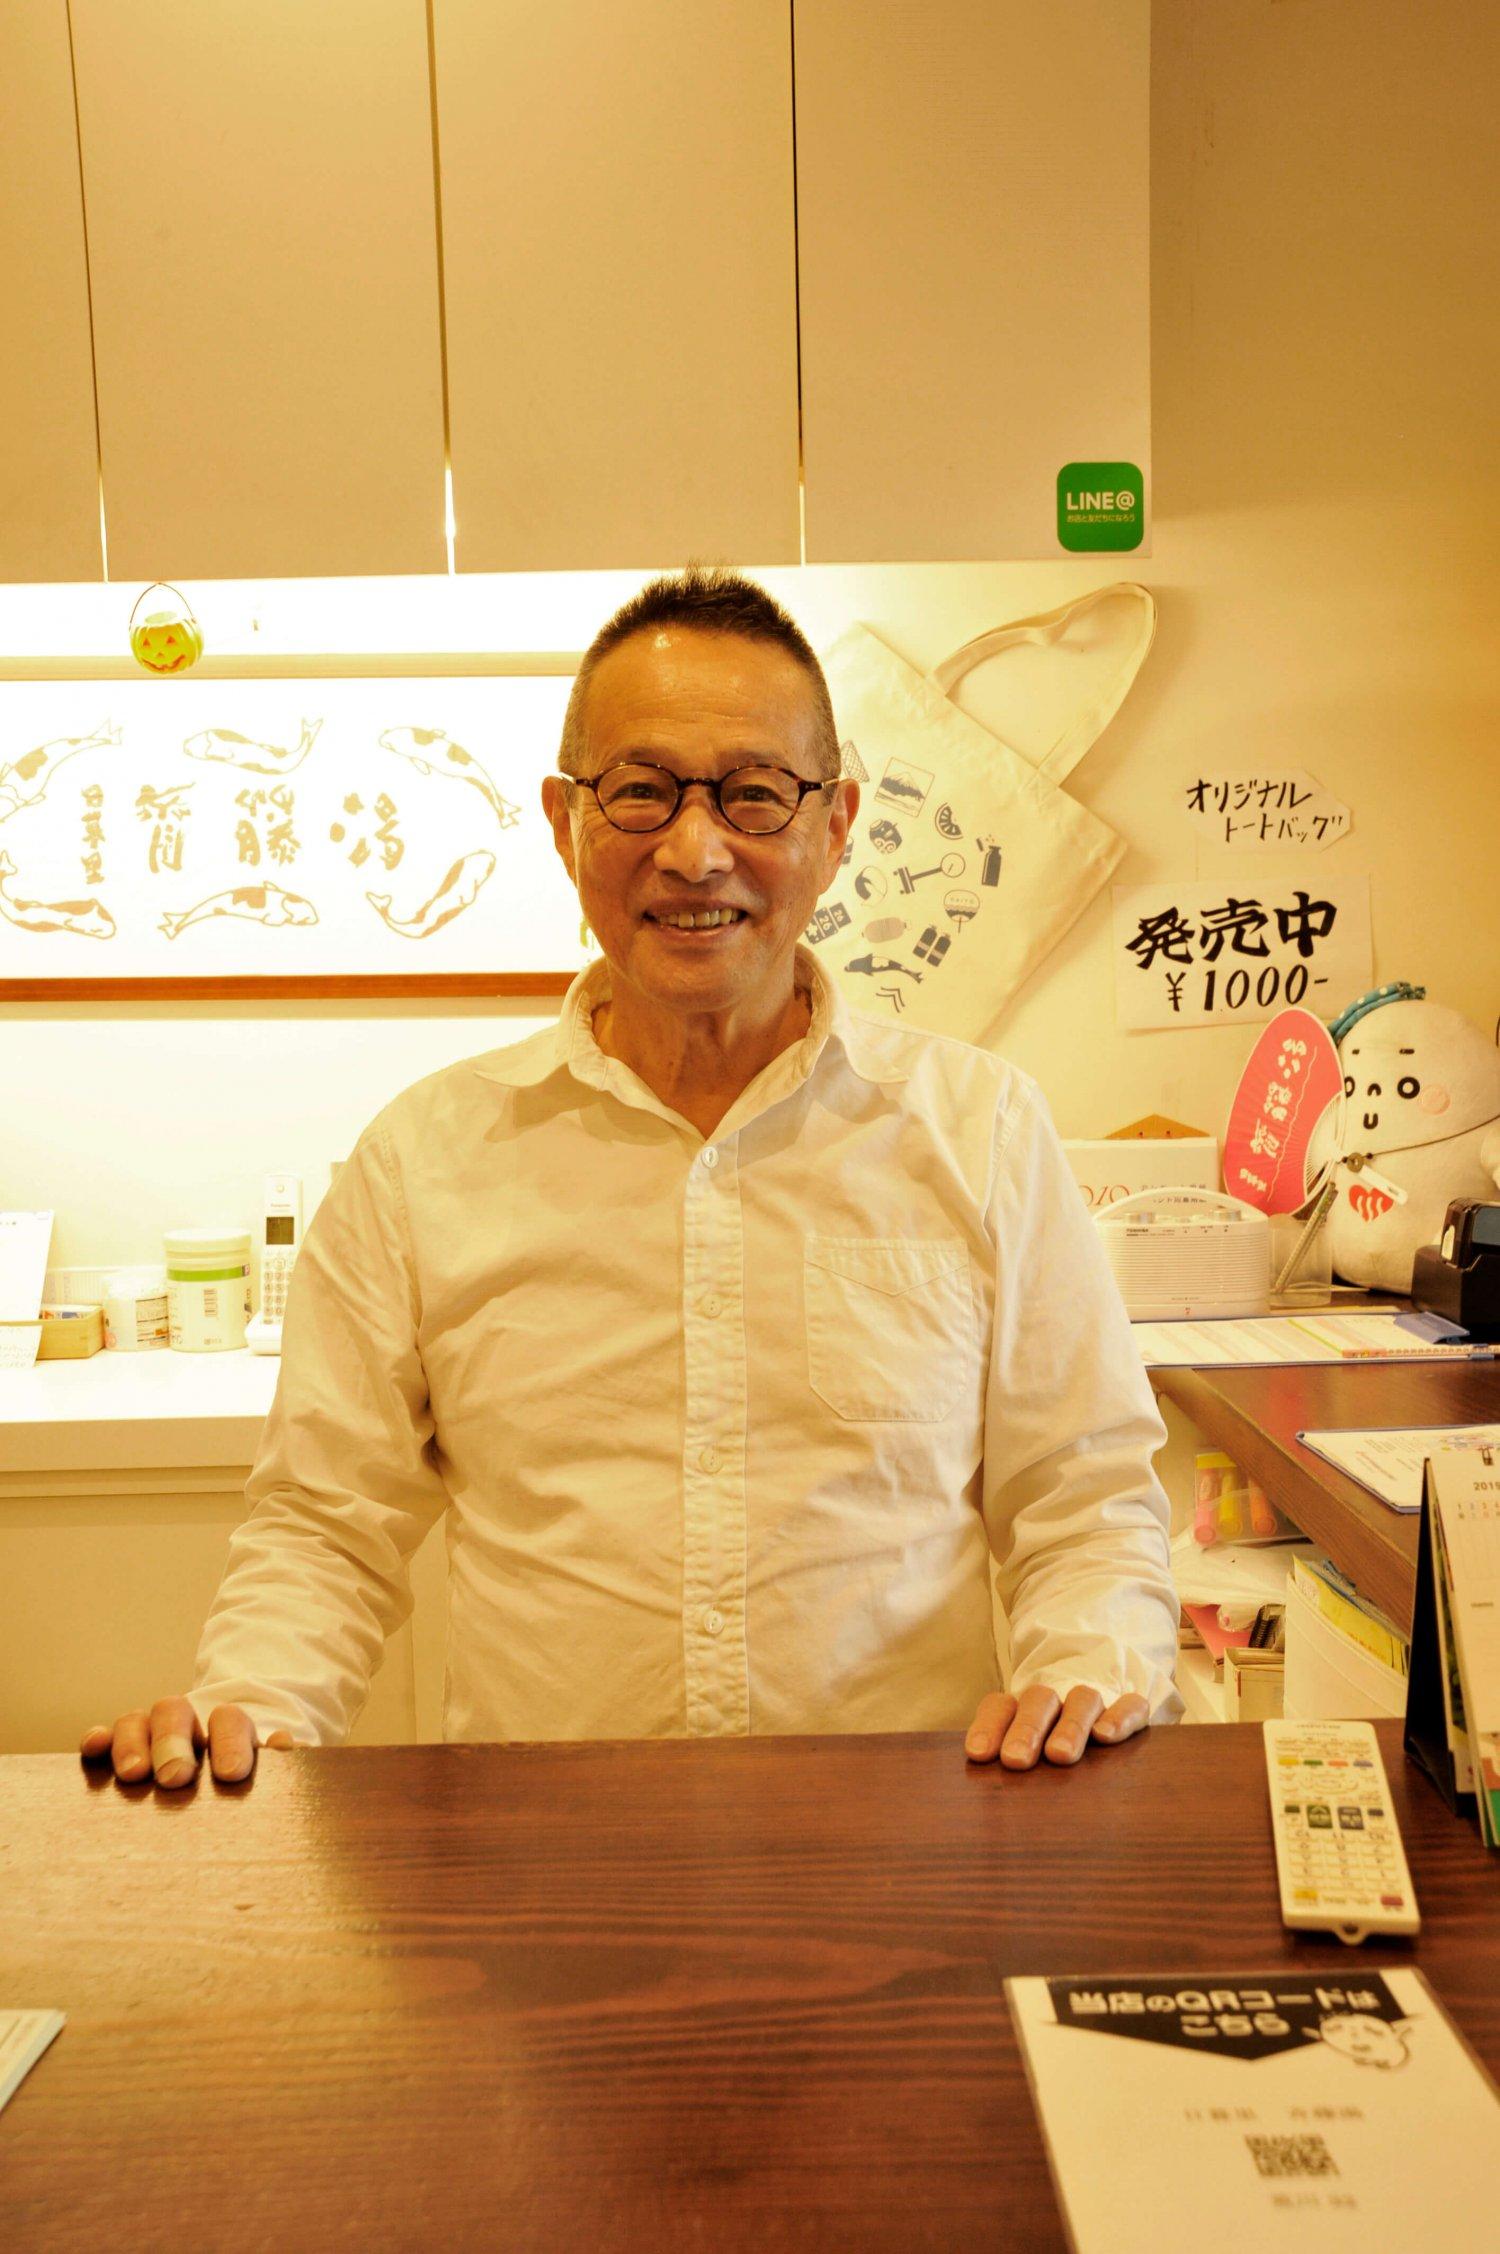 「リニューアルにあたっては、銭湯の原点でもあるお湯にこだわりました」と話す店主の齋藤さん。